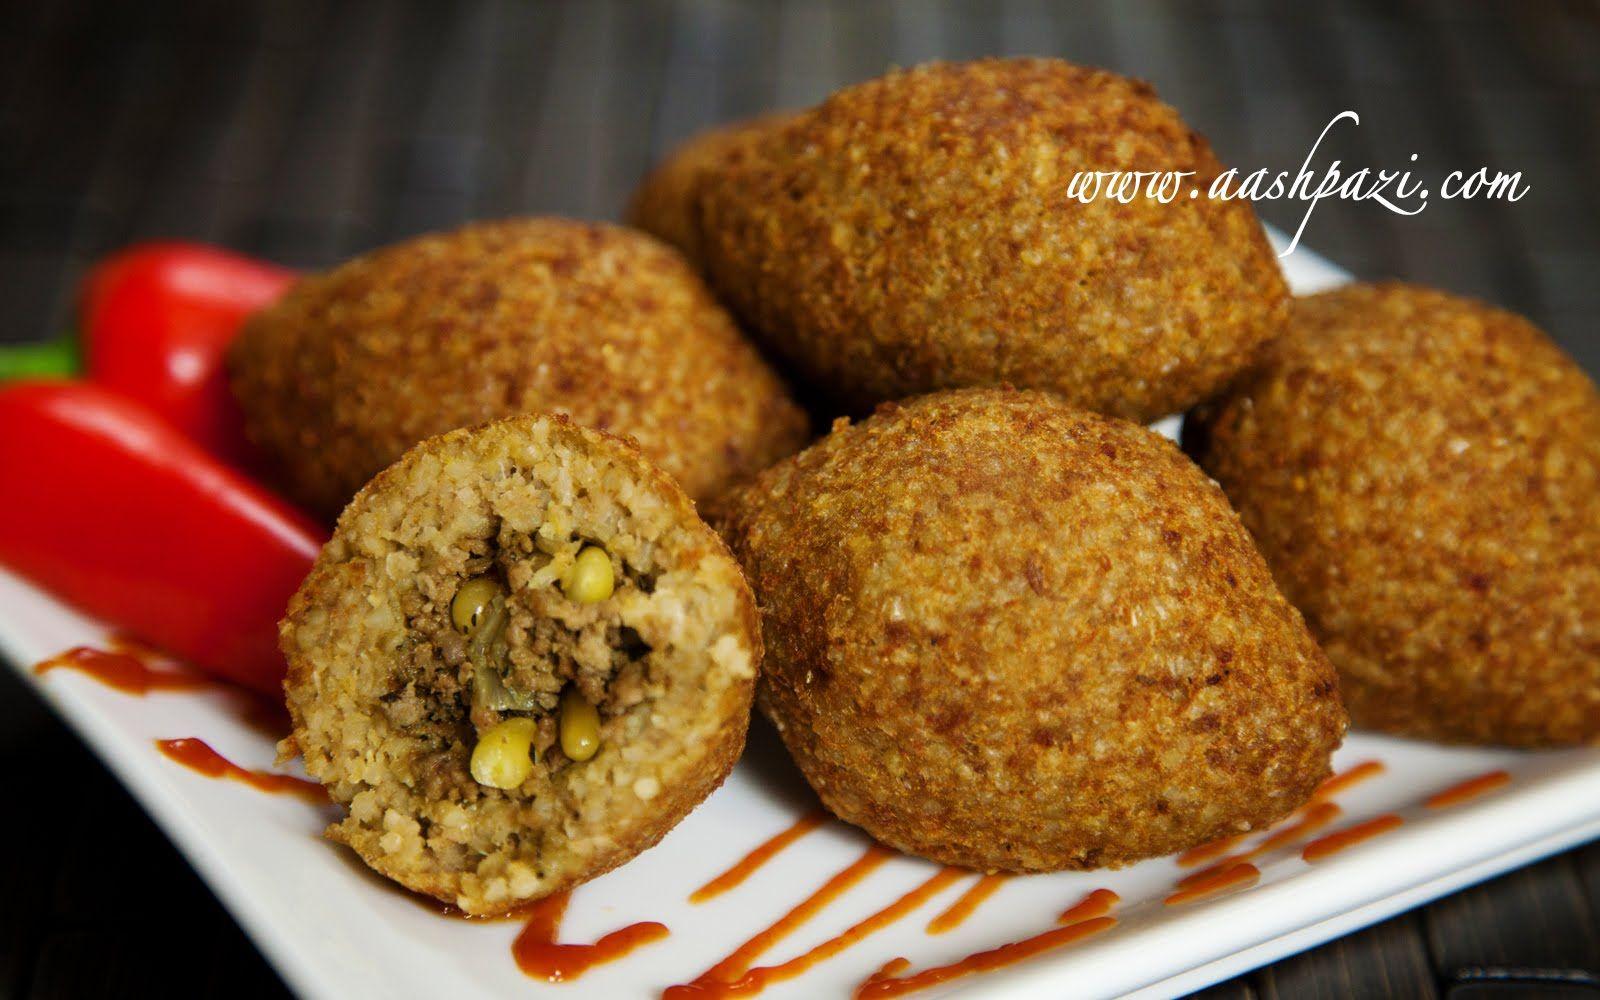 Kibbeh kibe recipe youtube kibbie wpine nuts pinterest kibbeh kibe recipe youtube forumfinder Images